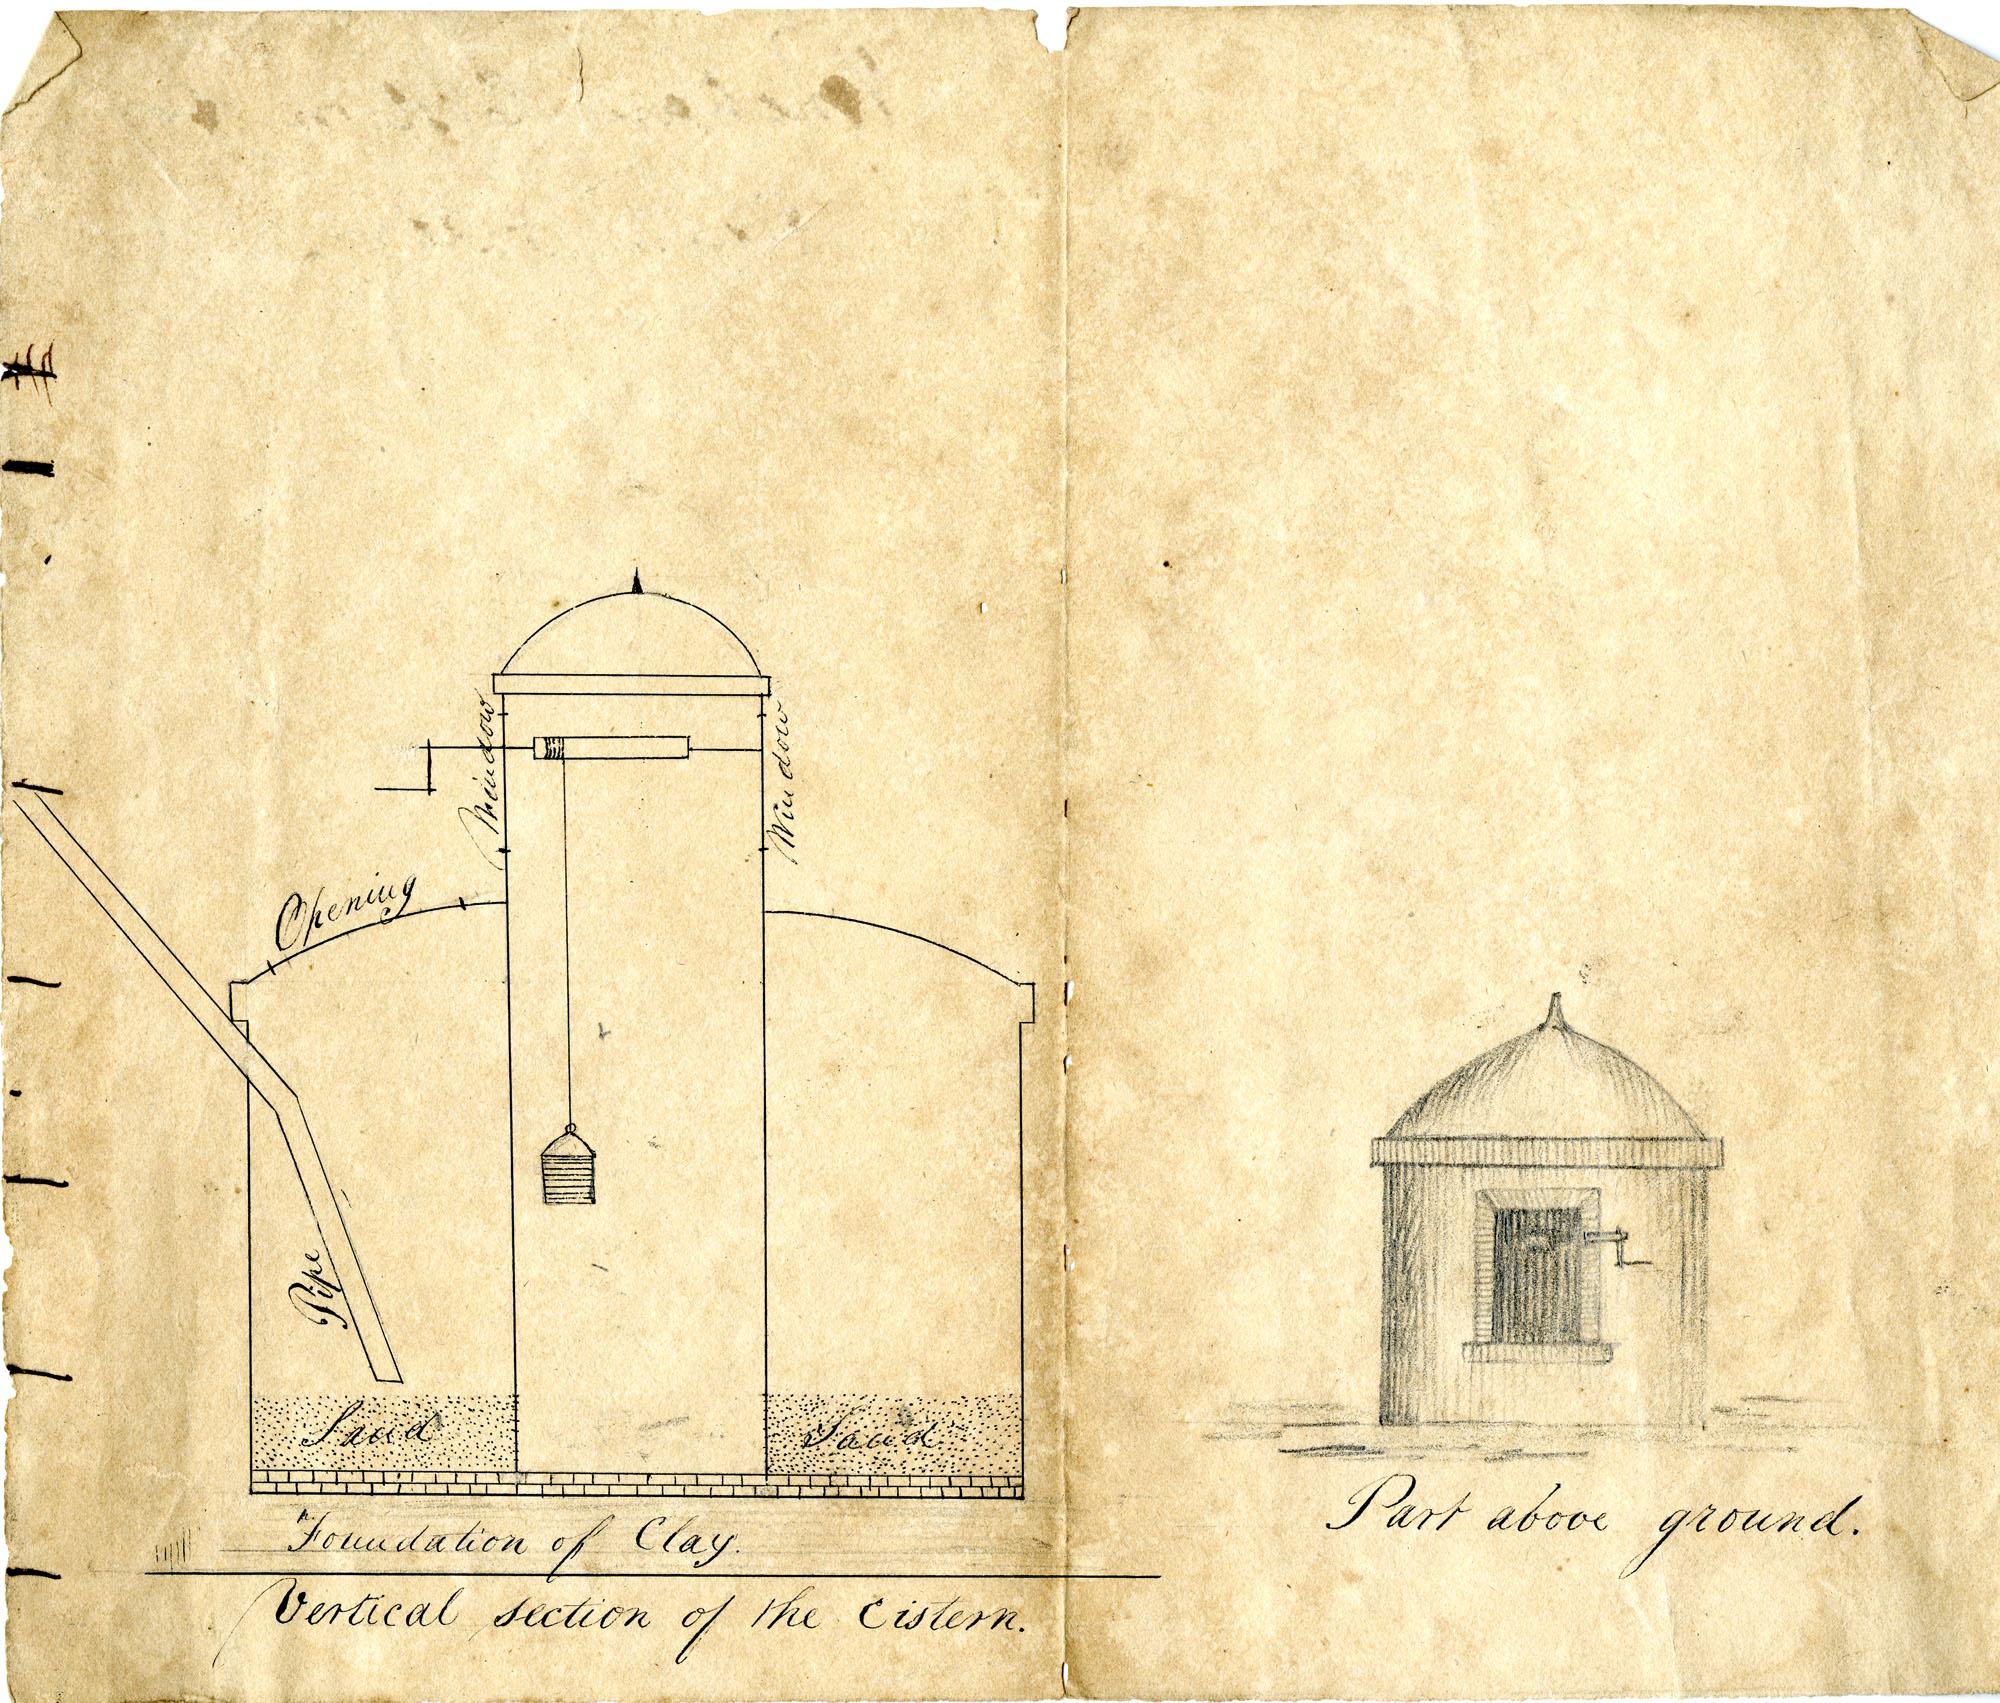 Venetian cistern for rainwater